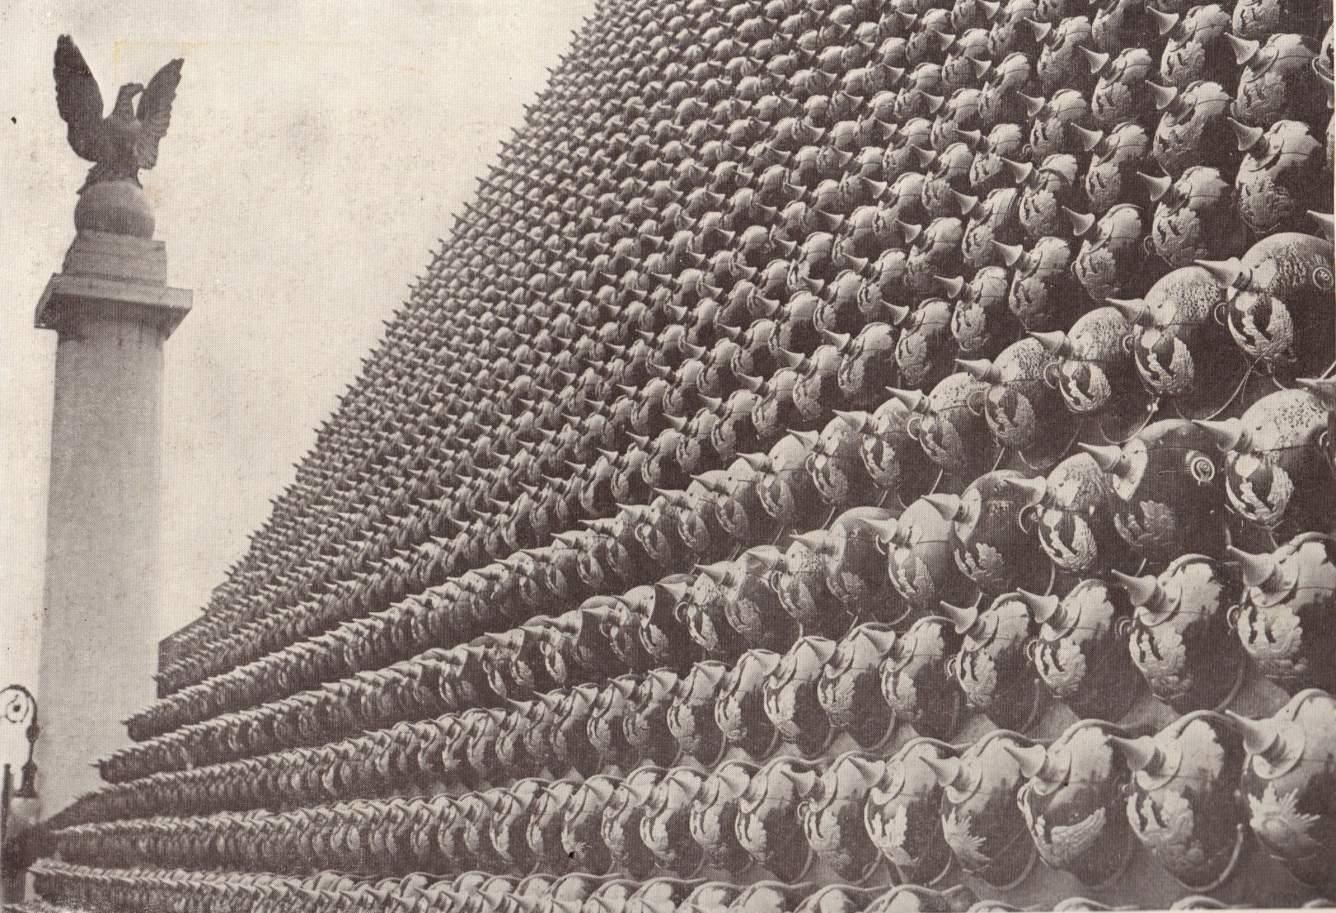 Az egyik piramis közelről. Forrás: www.warrelics.eu